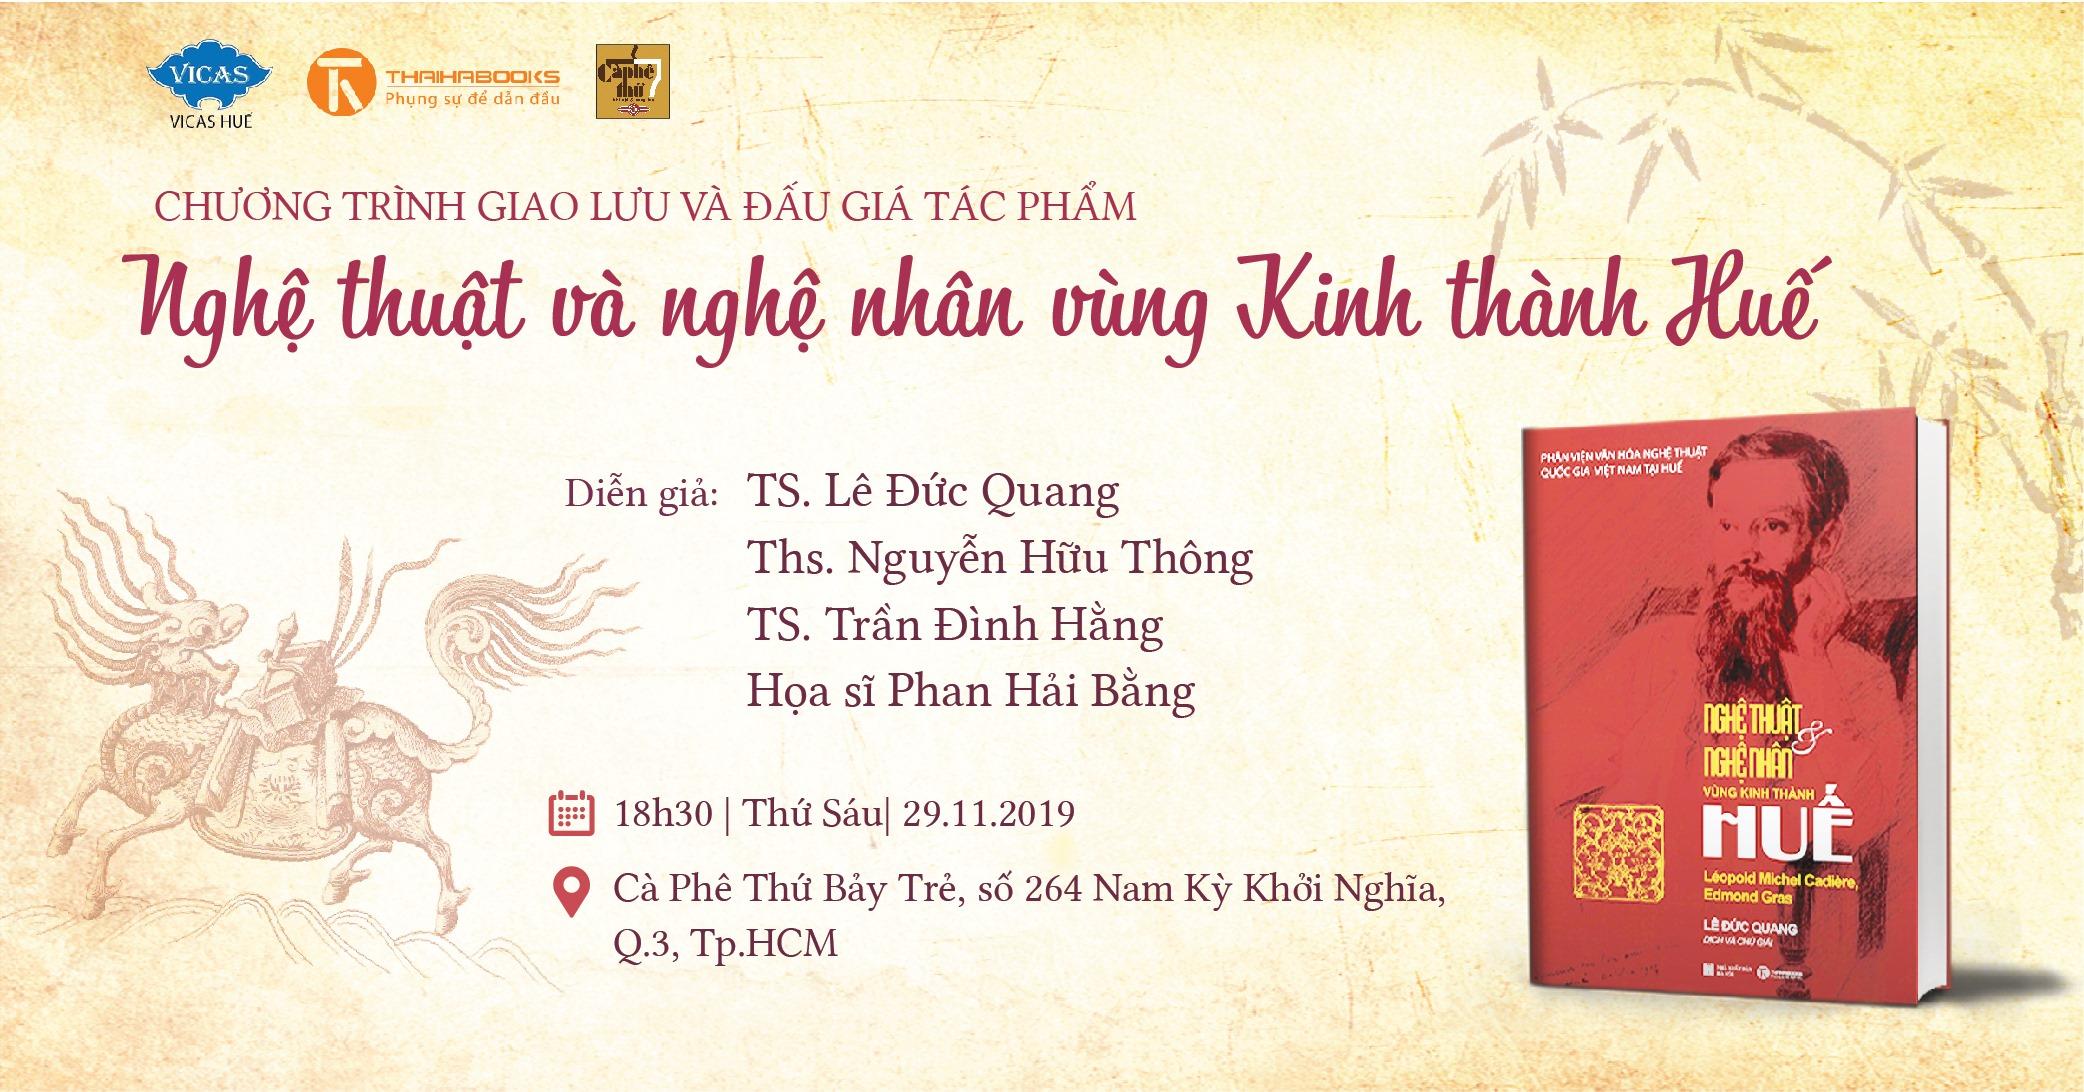 """TP.HCM ngày 29.11 – Giao lưu và đấu giá """"Nghệ thuật và nghệ nhân vùng Kinh thành Huế"""""""